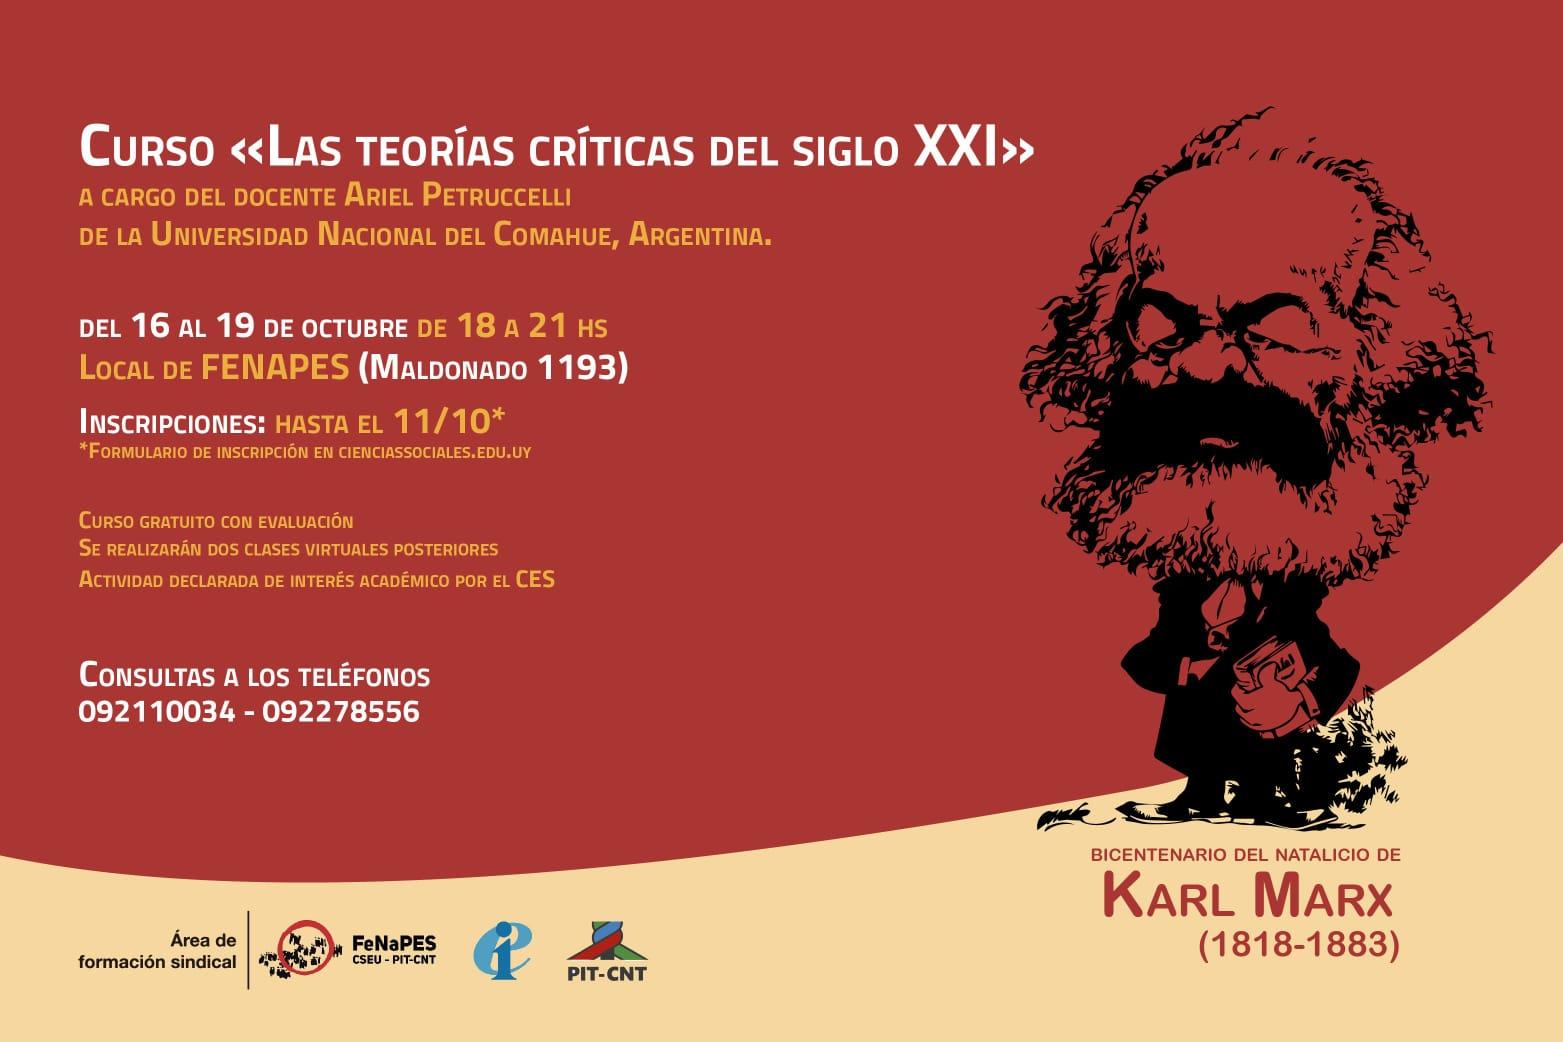 """Curso: """"Las teorías críticas del siglo XXI"""", a cargo de Ariel Petruccelli"""